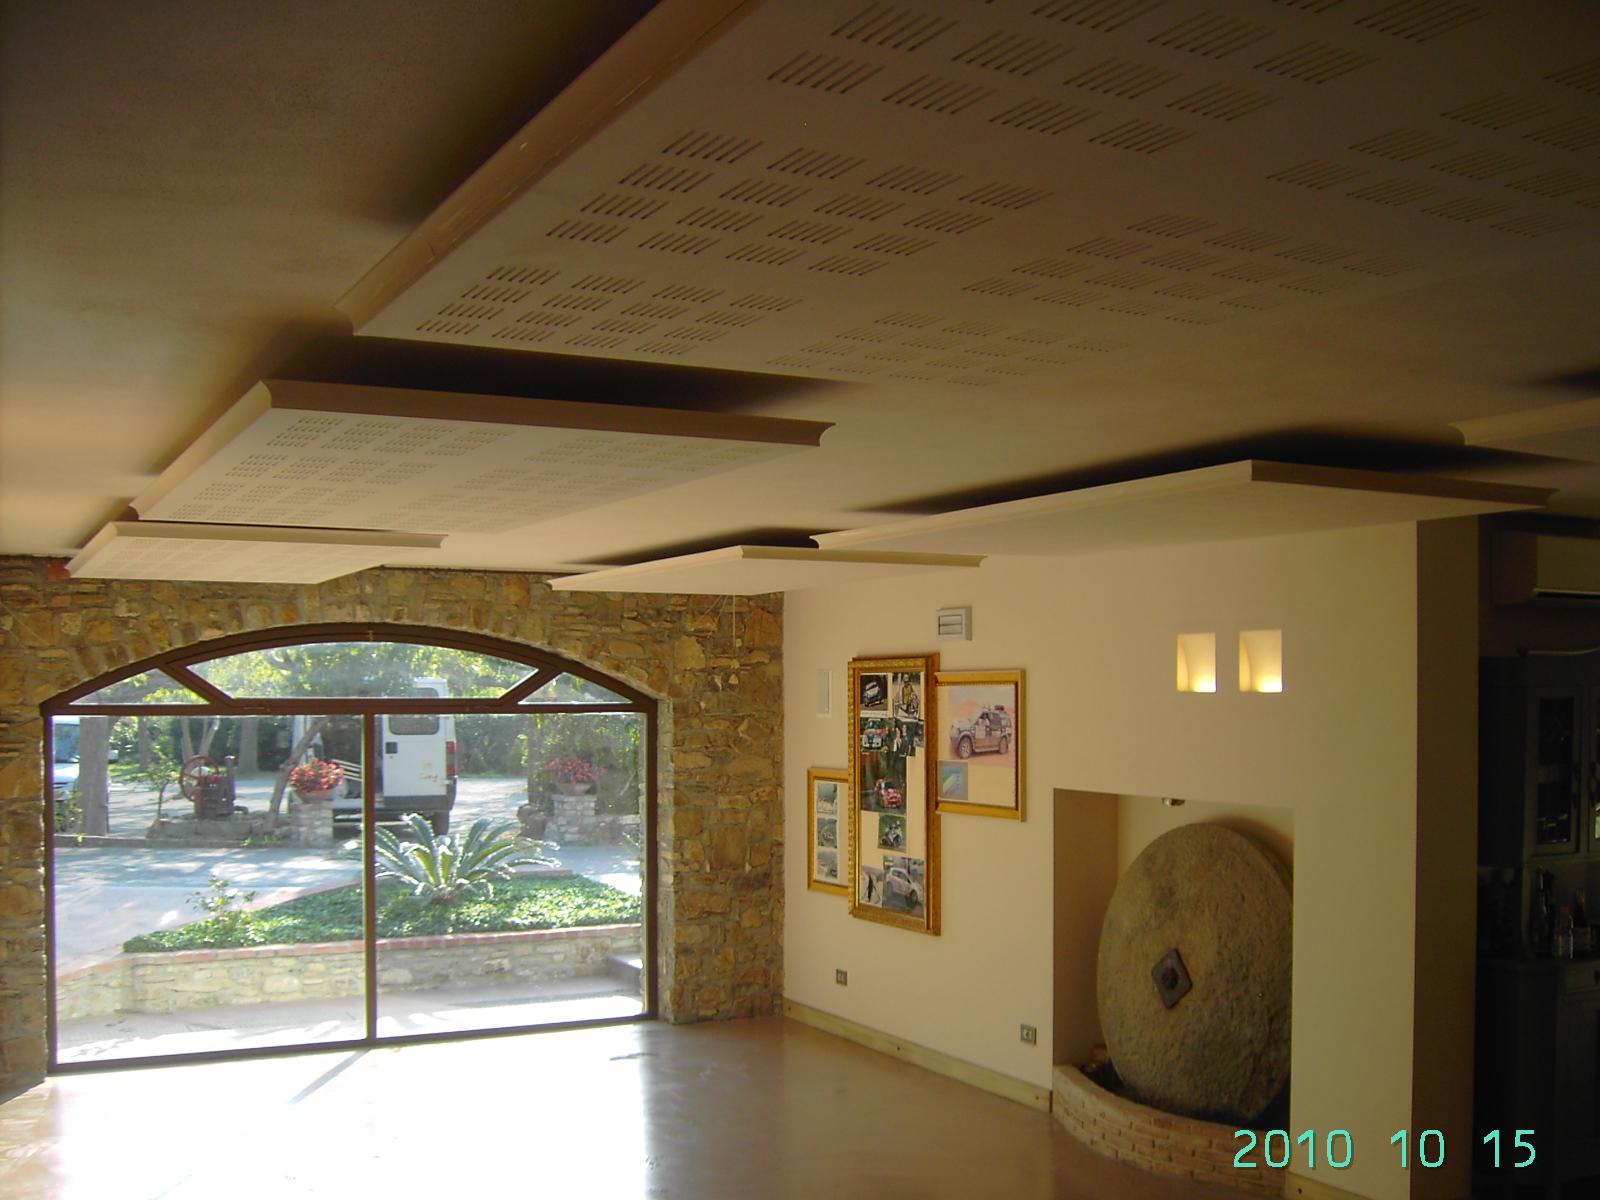 Cornici Soffitto In Polistirolo ~ Ispirazione design casa